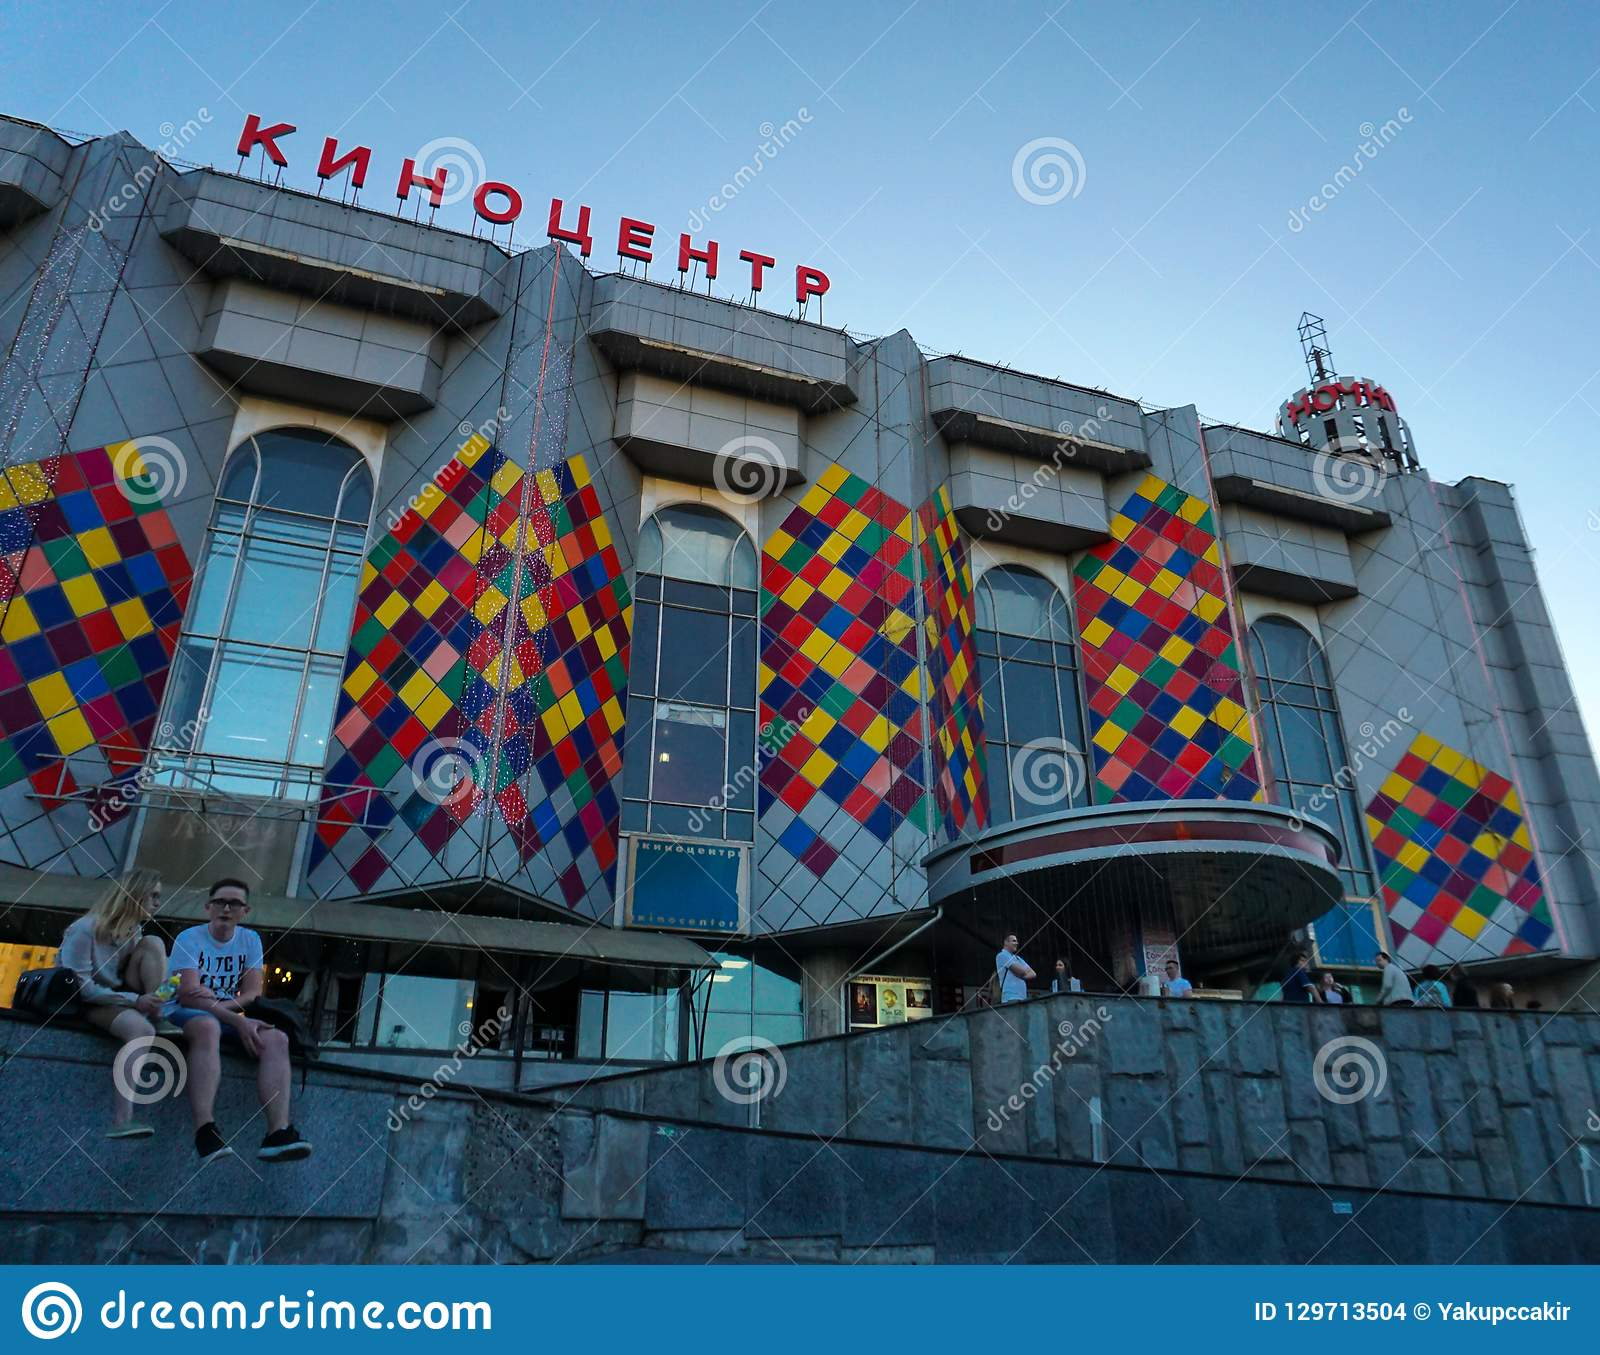 Moskau, Russland, bunte Fassade des Theatergebäudes